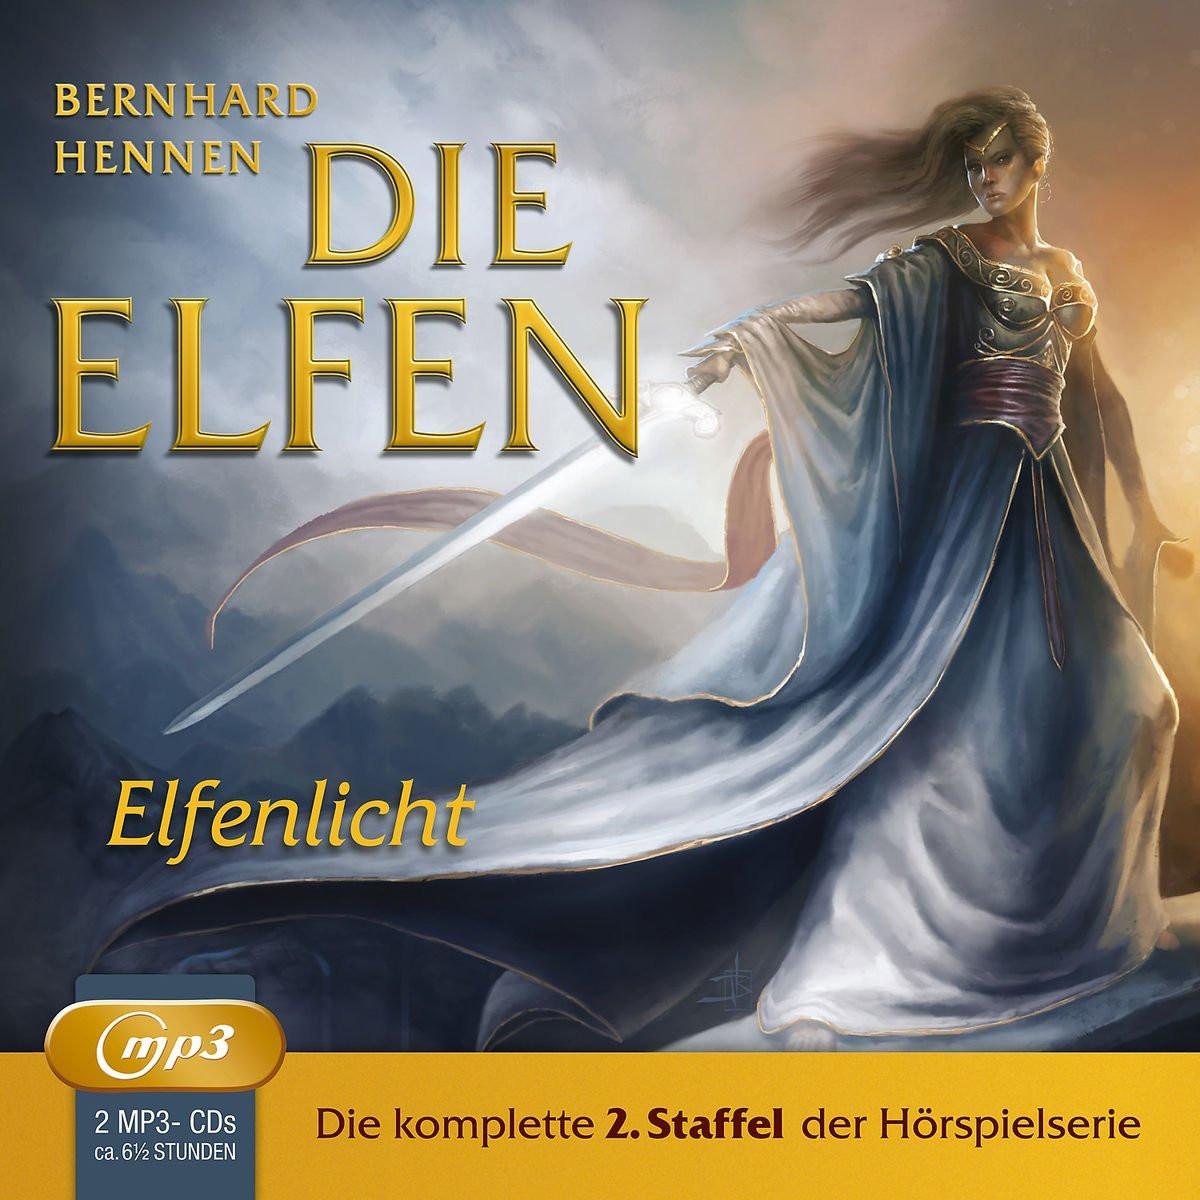 Die Elfen - Elfenlicht - Das Hörspiel – Staffel 2 (Folge 06-11)